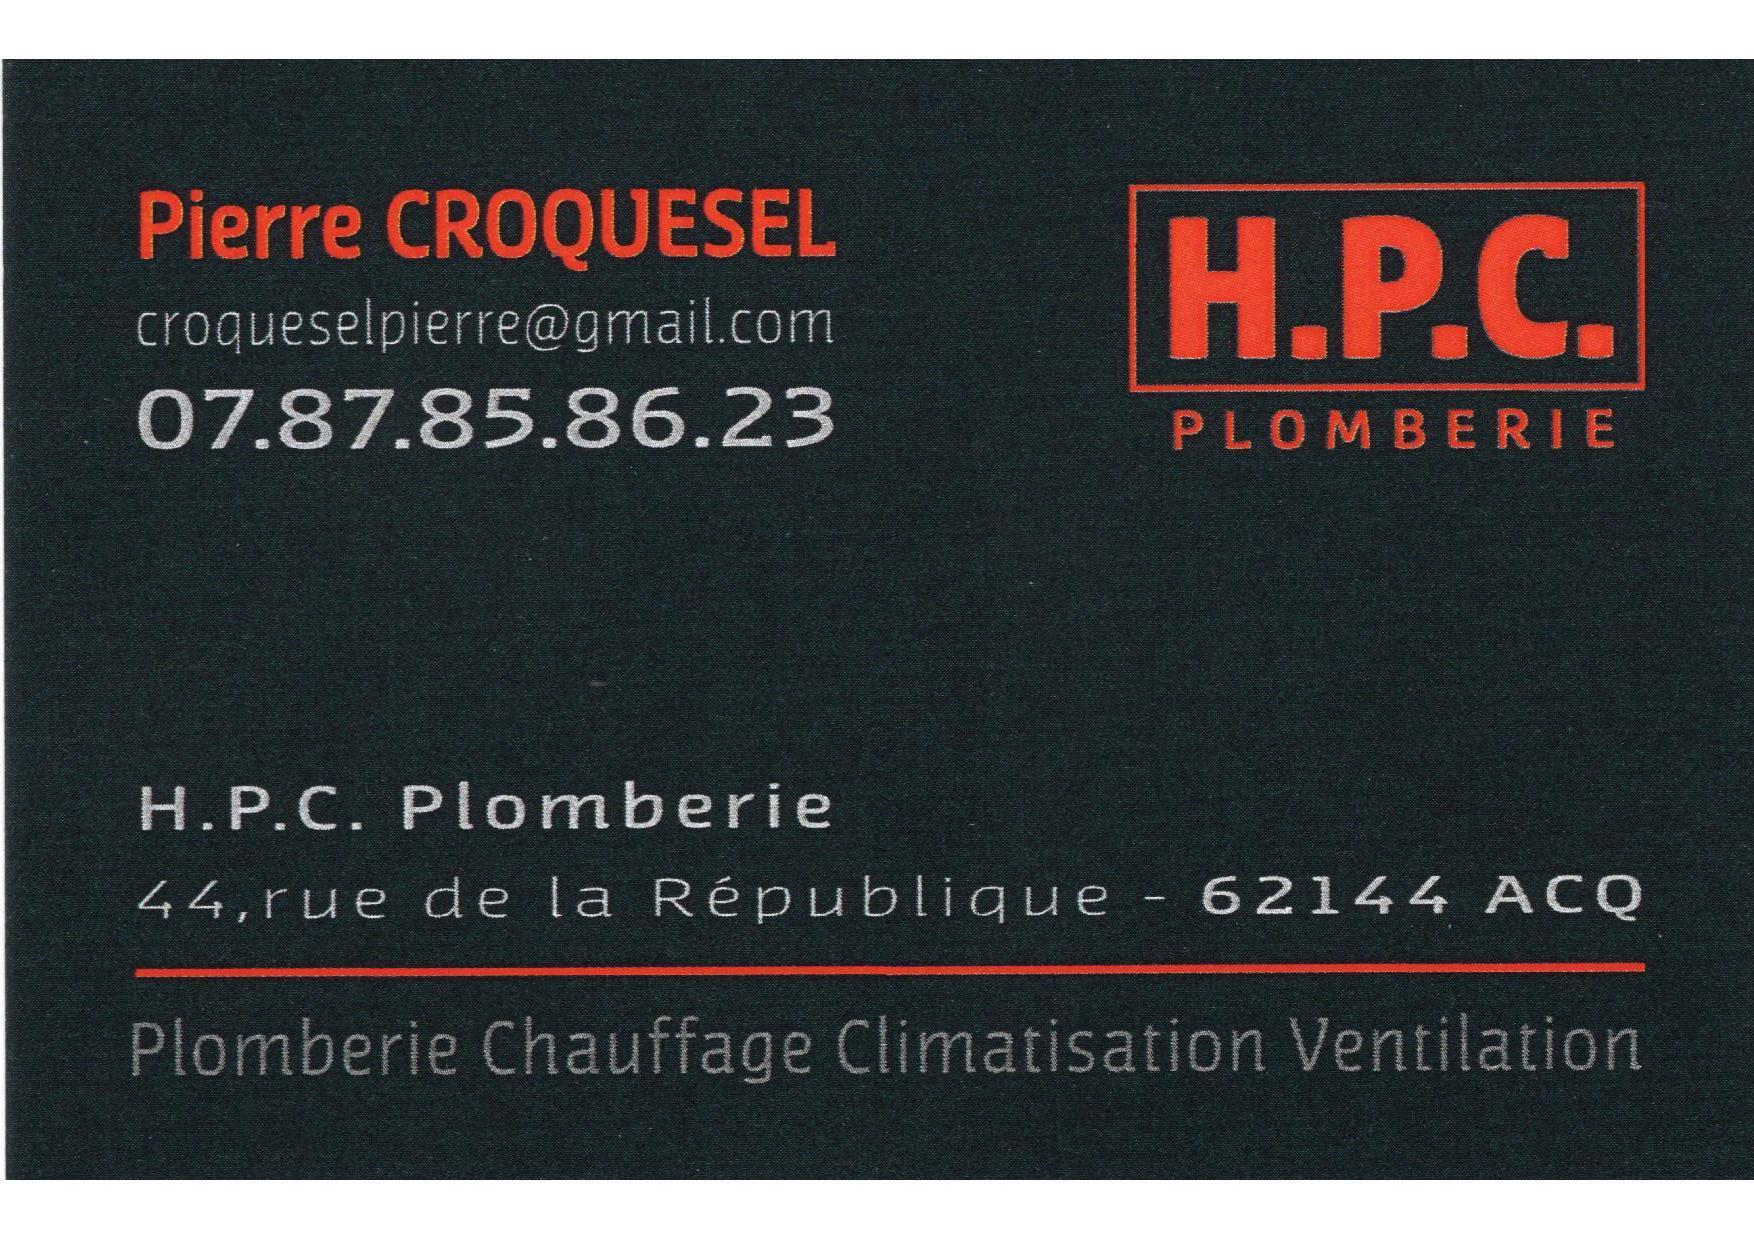 carte de visite HPC 1.2-1.jpg